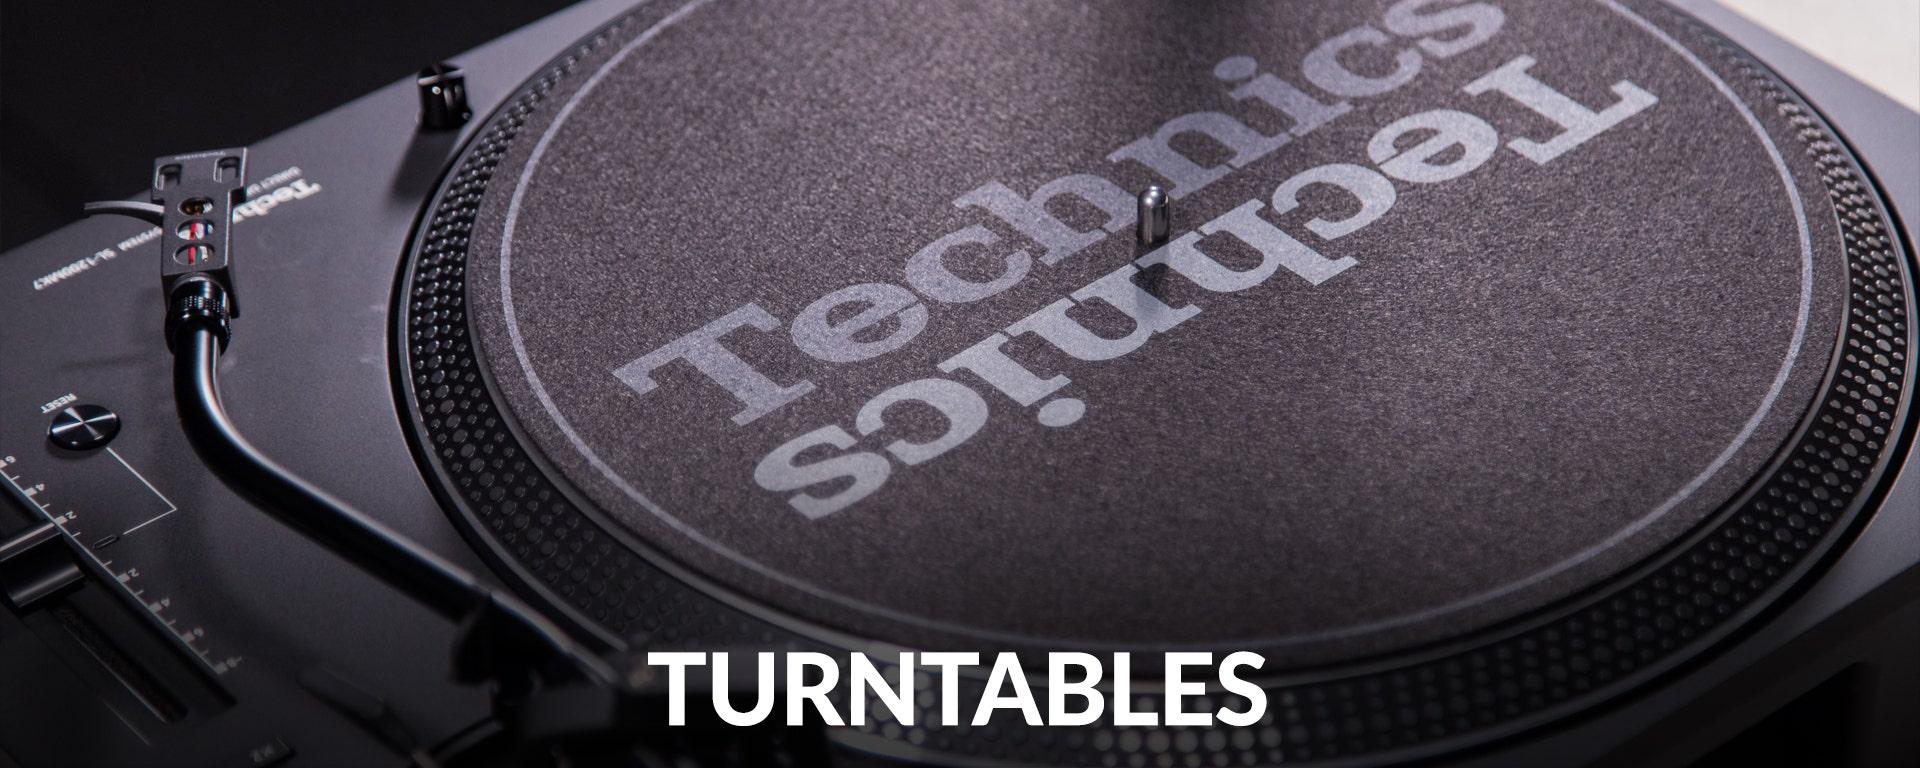 Shop Turntables At SamAsh.com